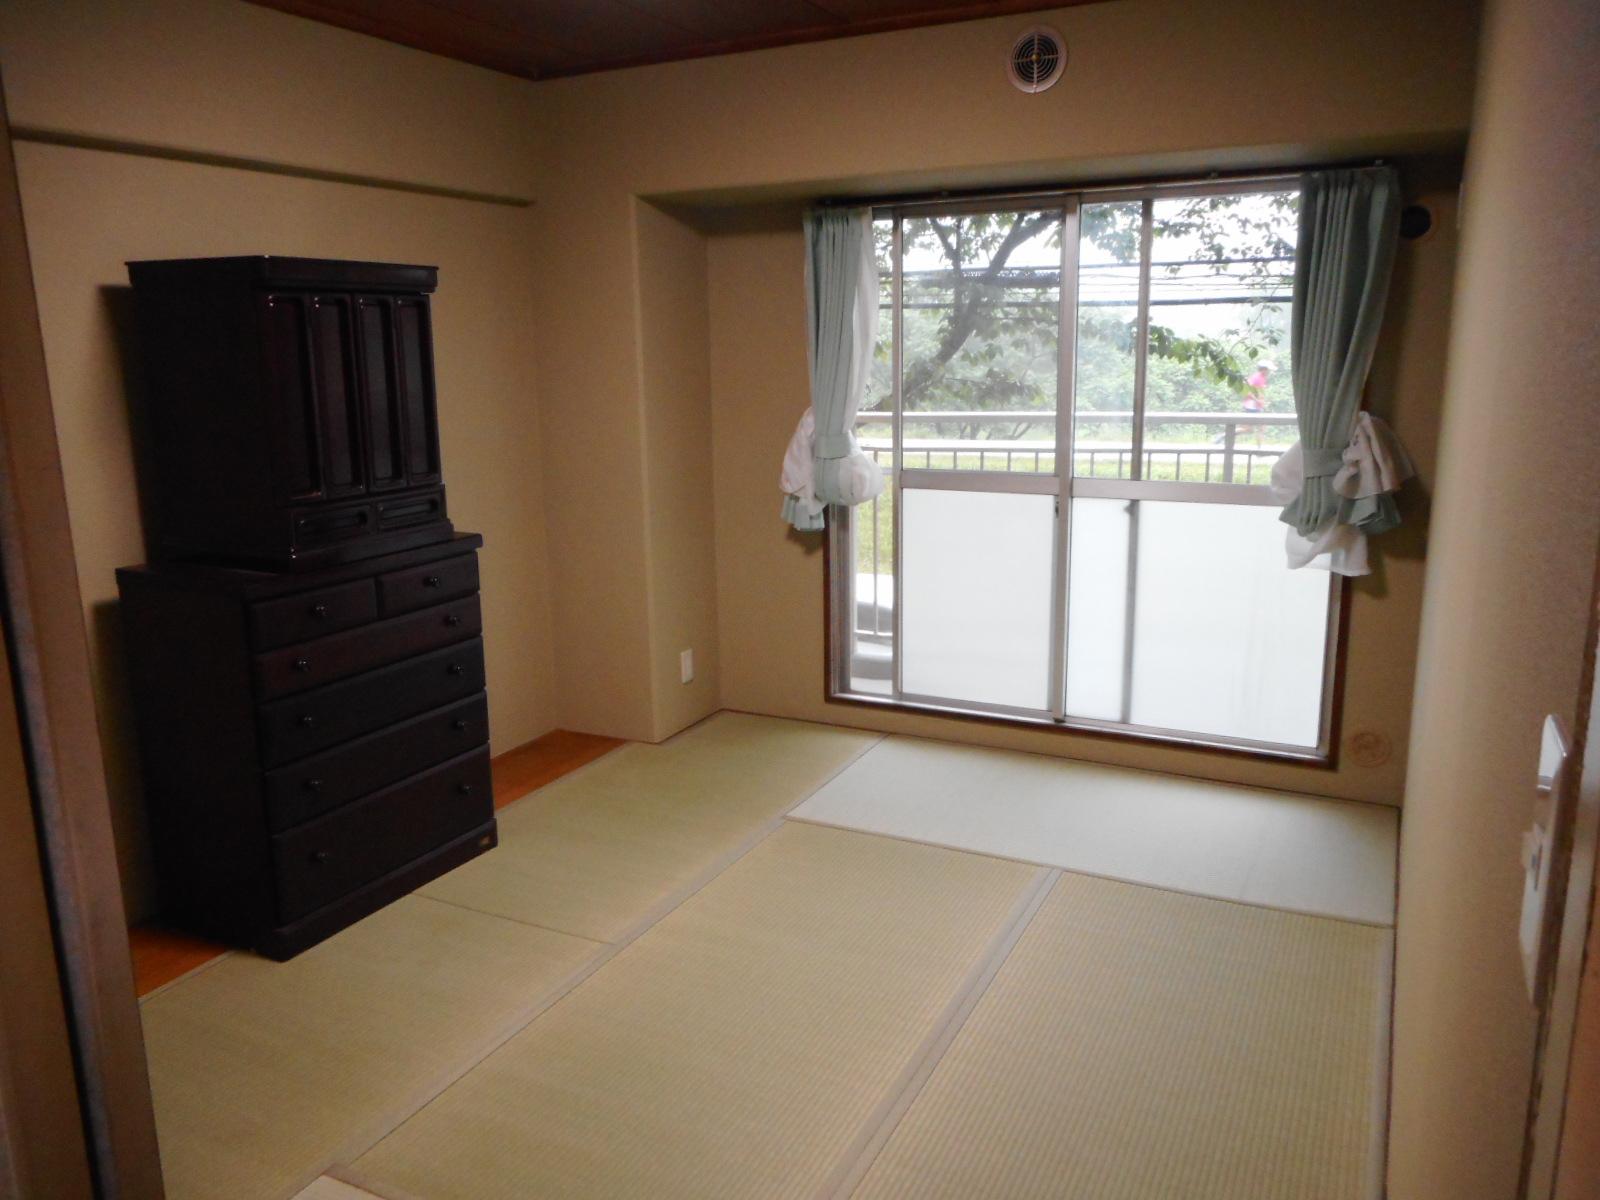 府中市K様 和室 壁紙(クロス)貼替えと新畳(上級品+建材畳床)